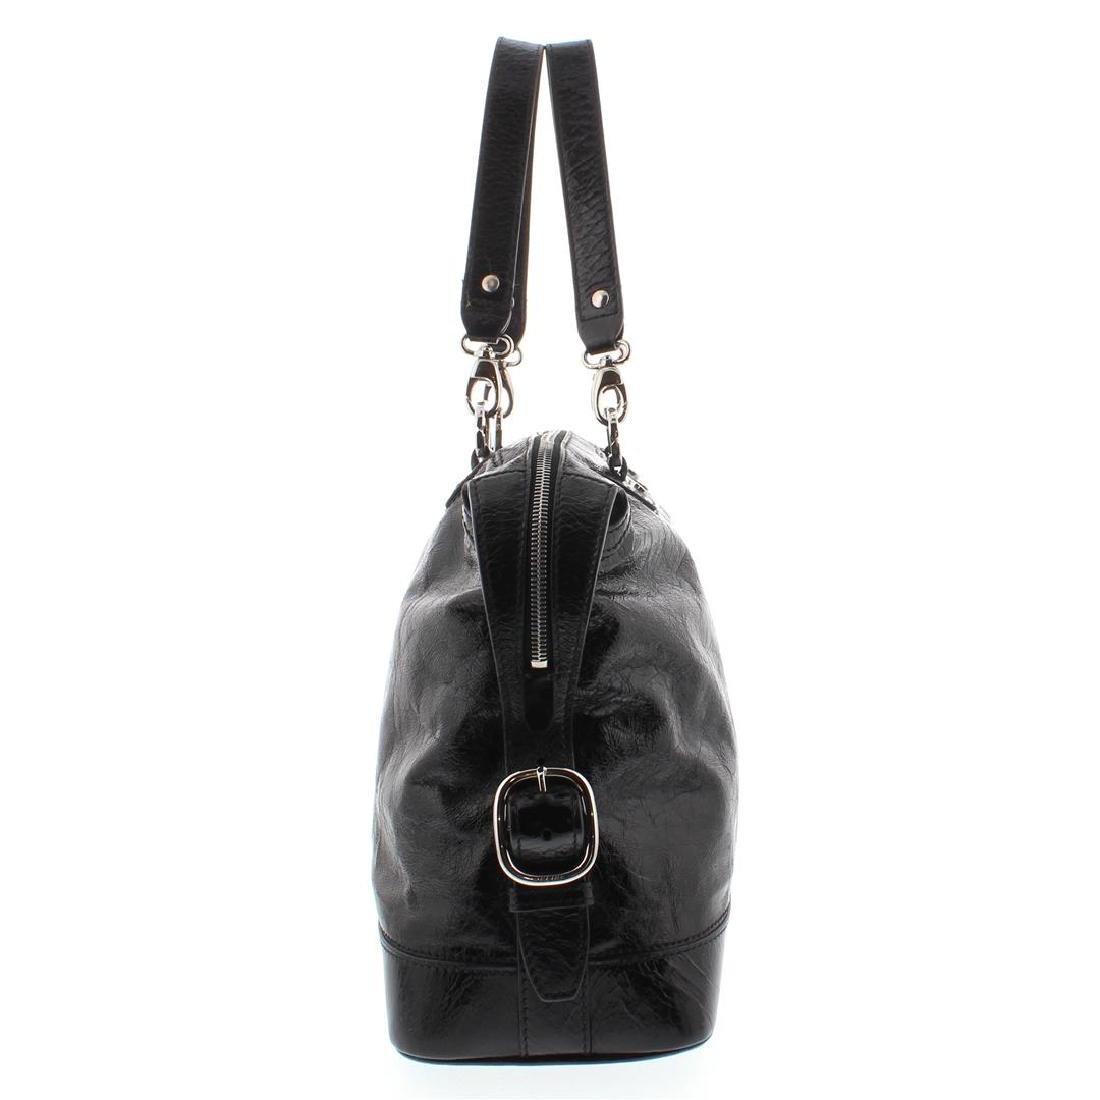 Celine Black Distressed Patent Leather Shoulder Handbag - 3